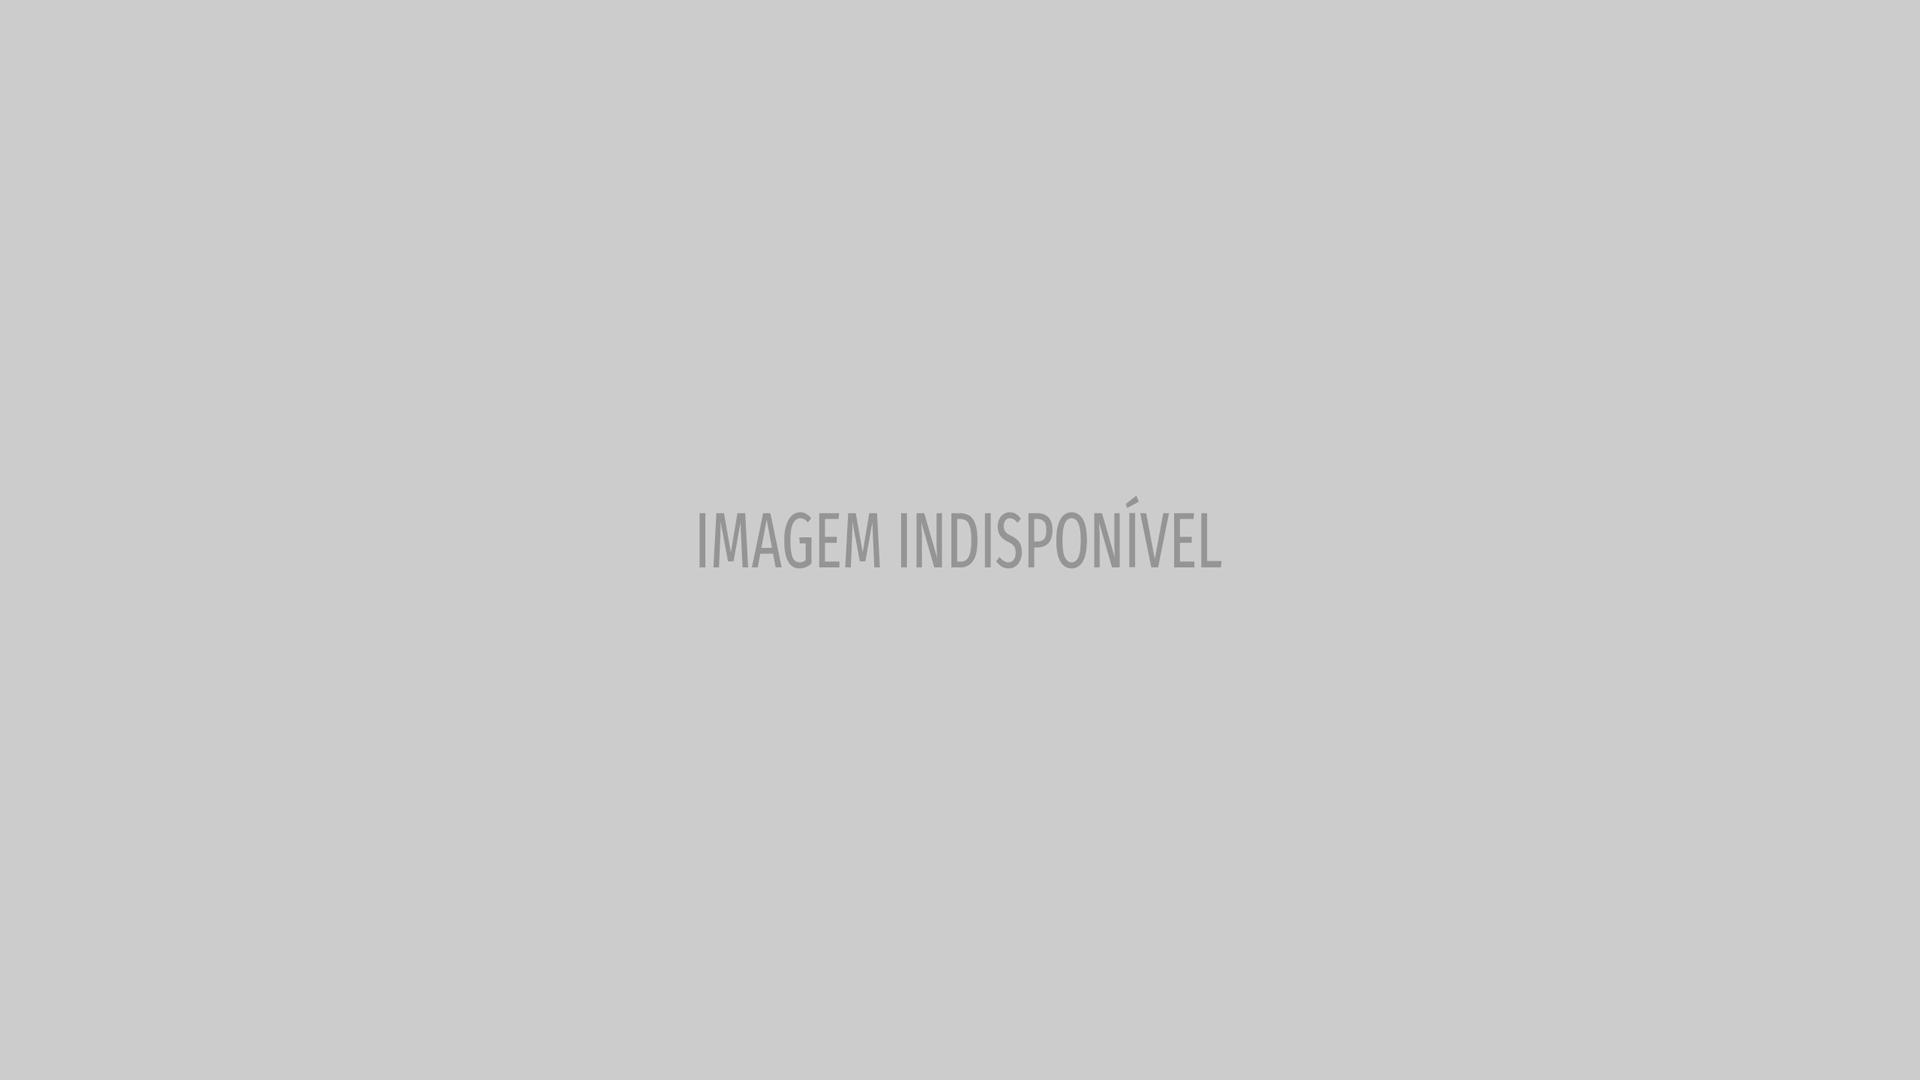 Após término, Ariana Grande e Mac Miller deixam de se seguir no Instagram